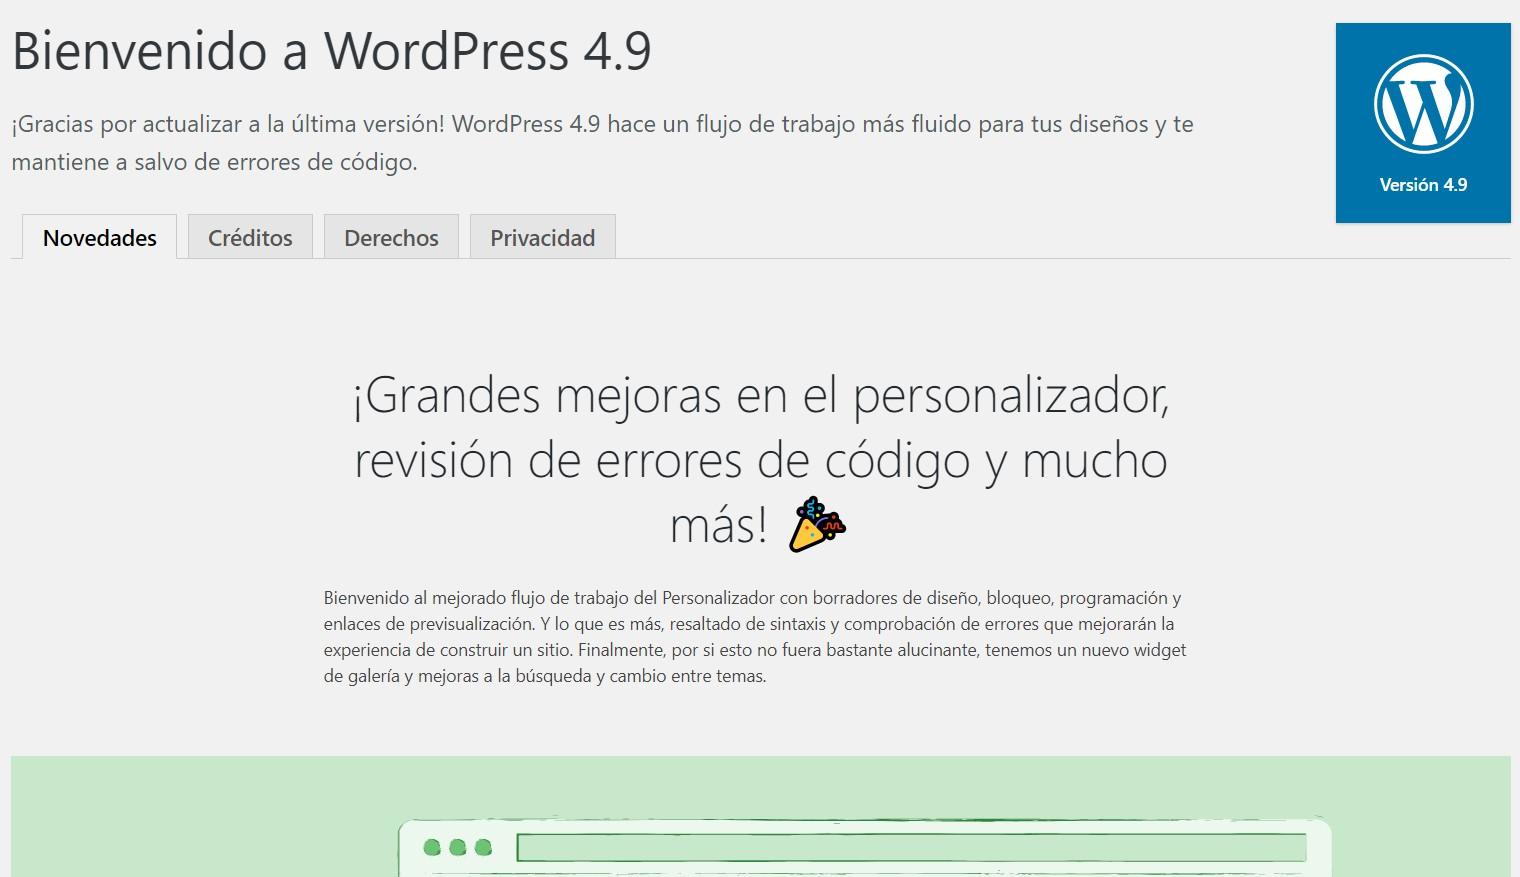 Llegada de wordpress 4.9